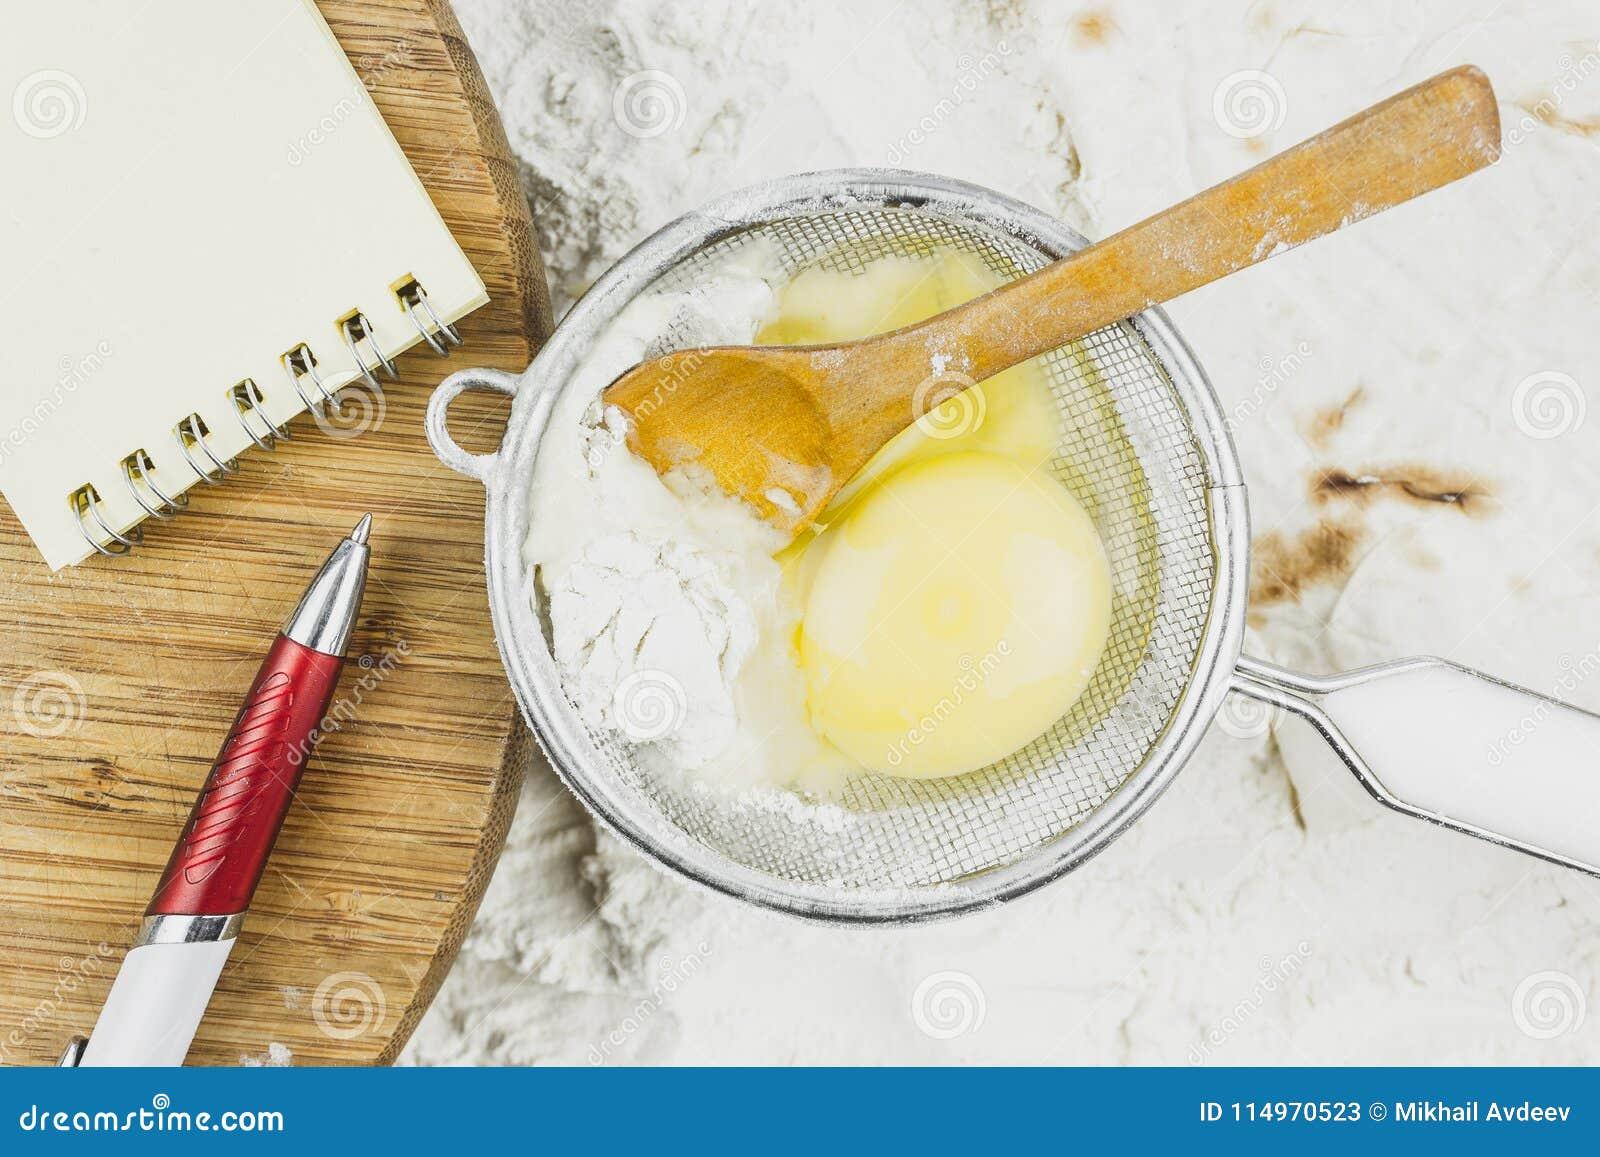 Caderno para receitas, ovo, colher de madeira em um fundo da farinha